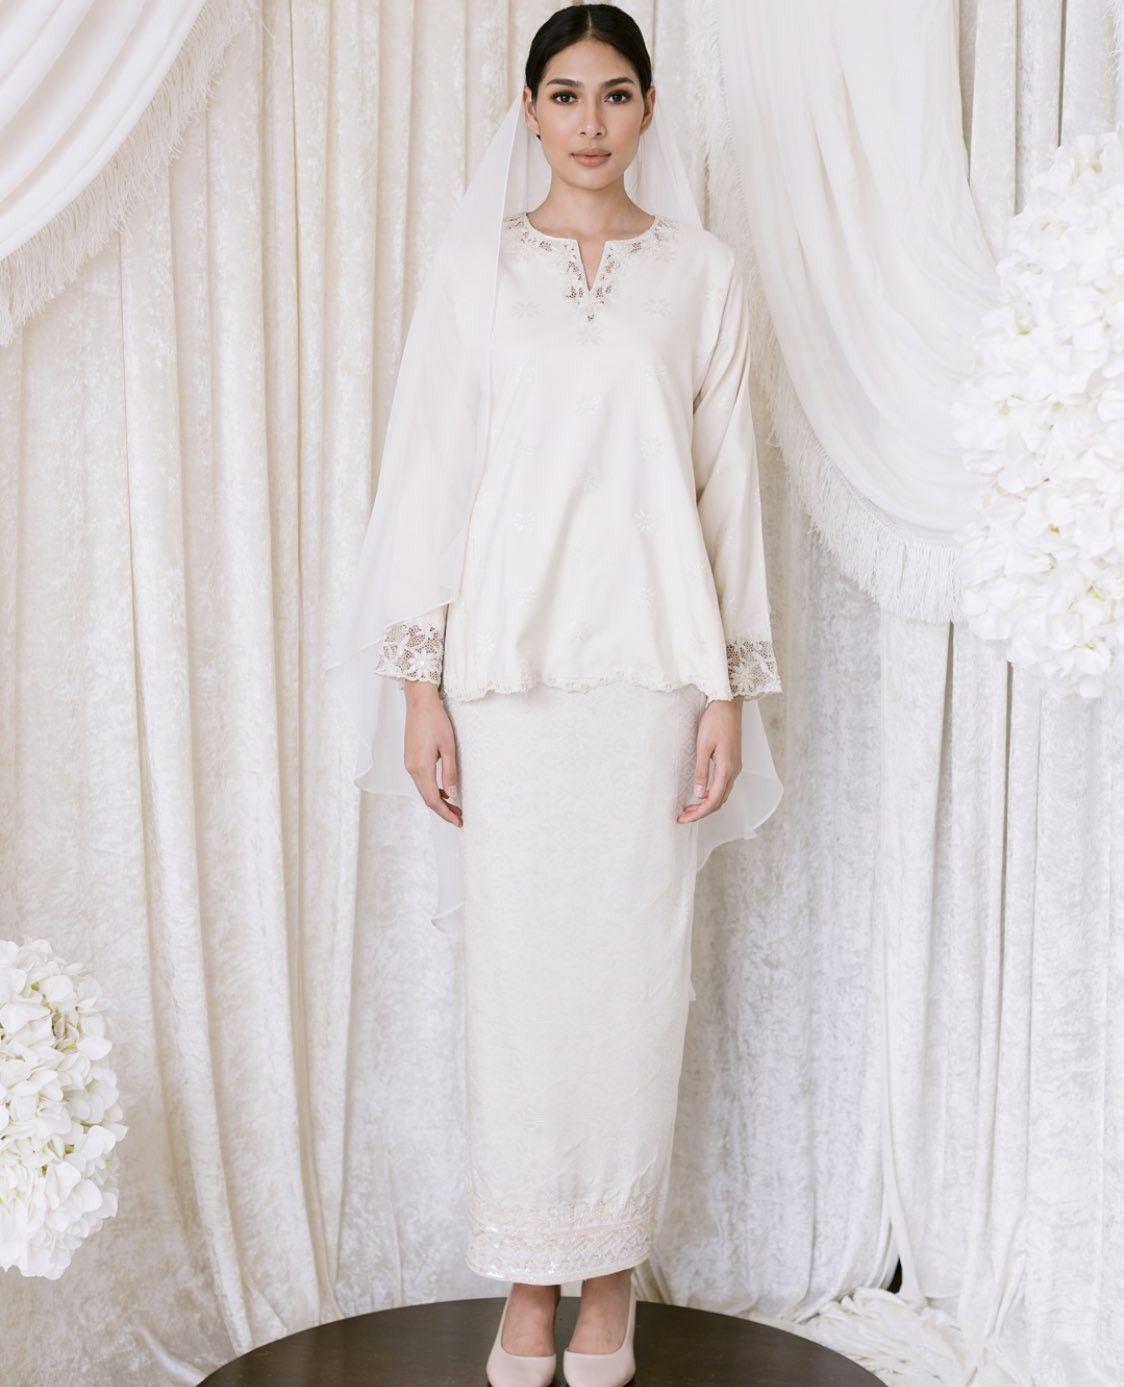 Baju nikah putih simple  Nikah outfit, Nikah dress, Muslimah